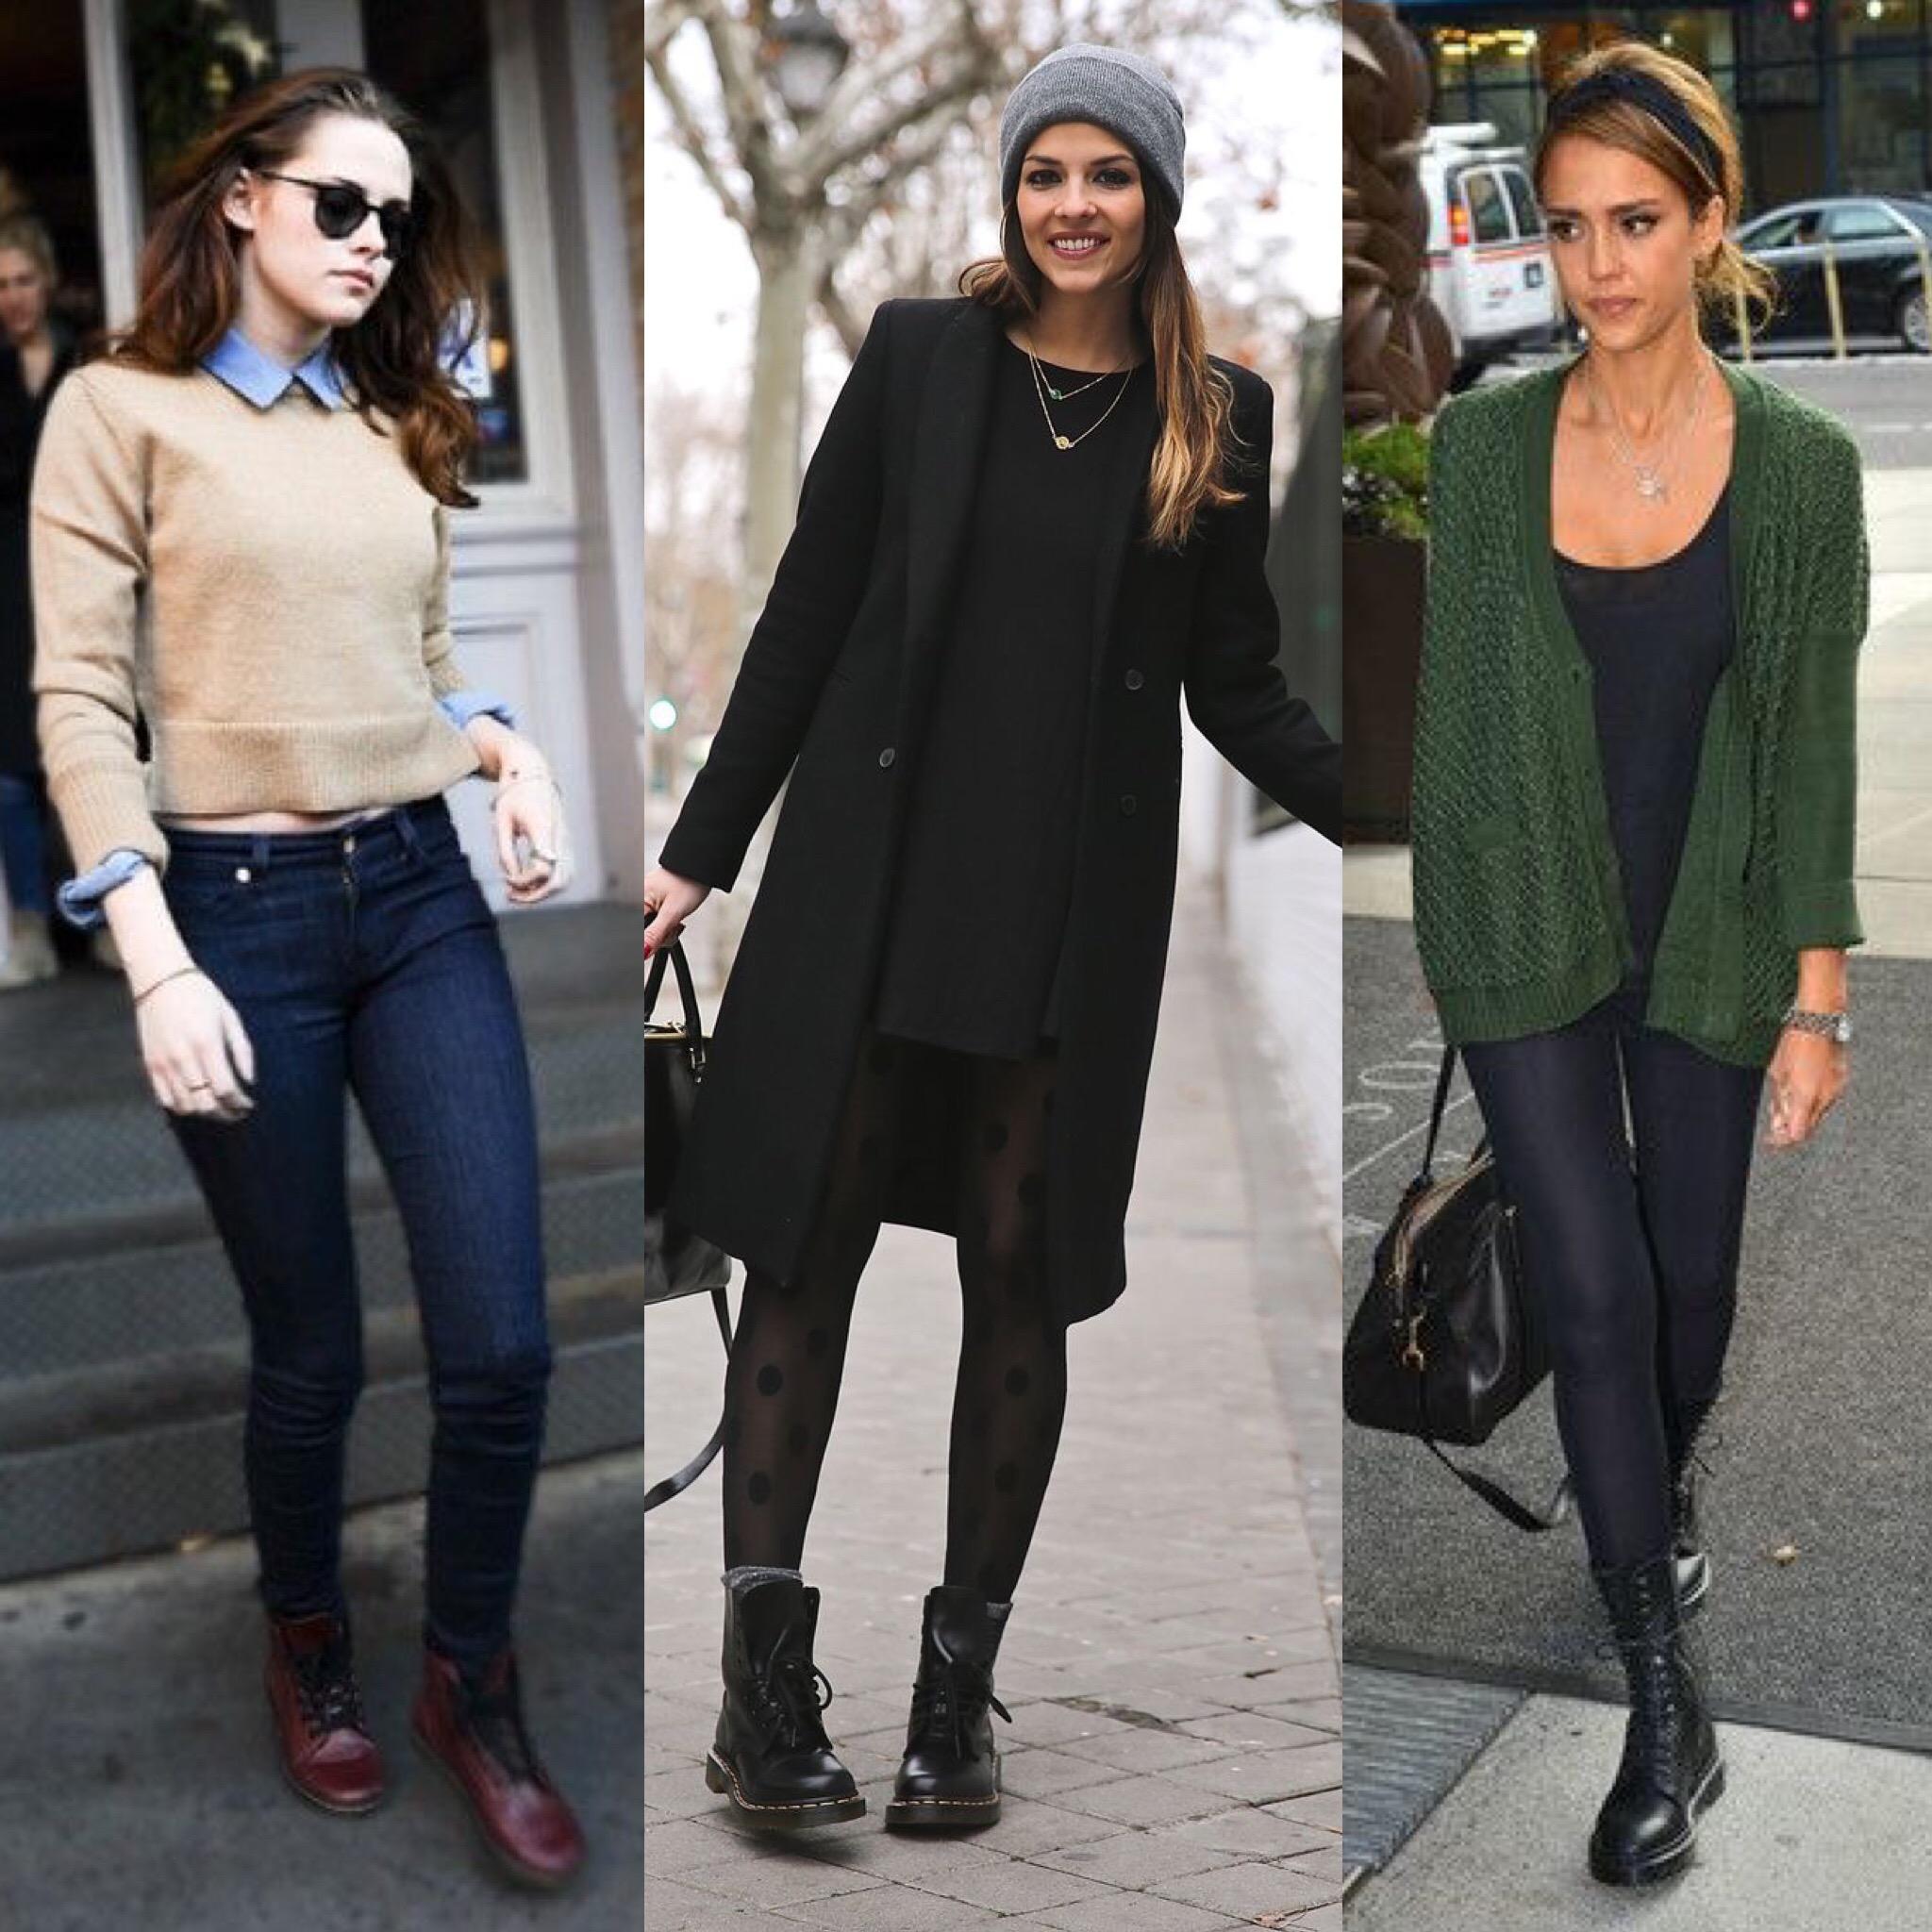 Abbinare le Dr Martens: 6 look trendy e chic da indossare ...